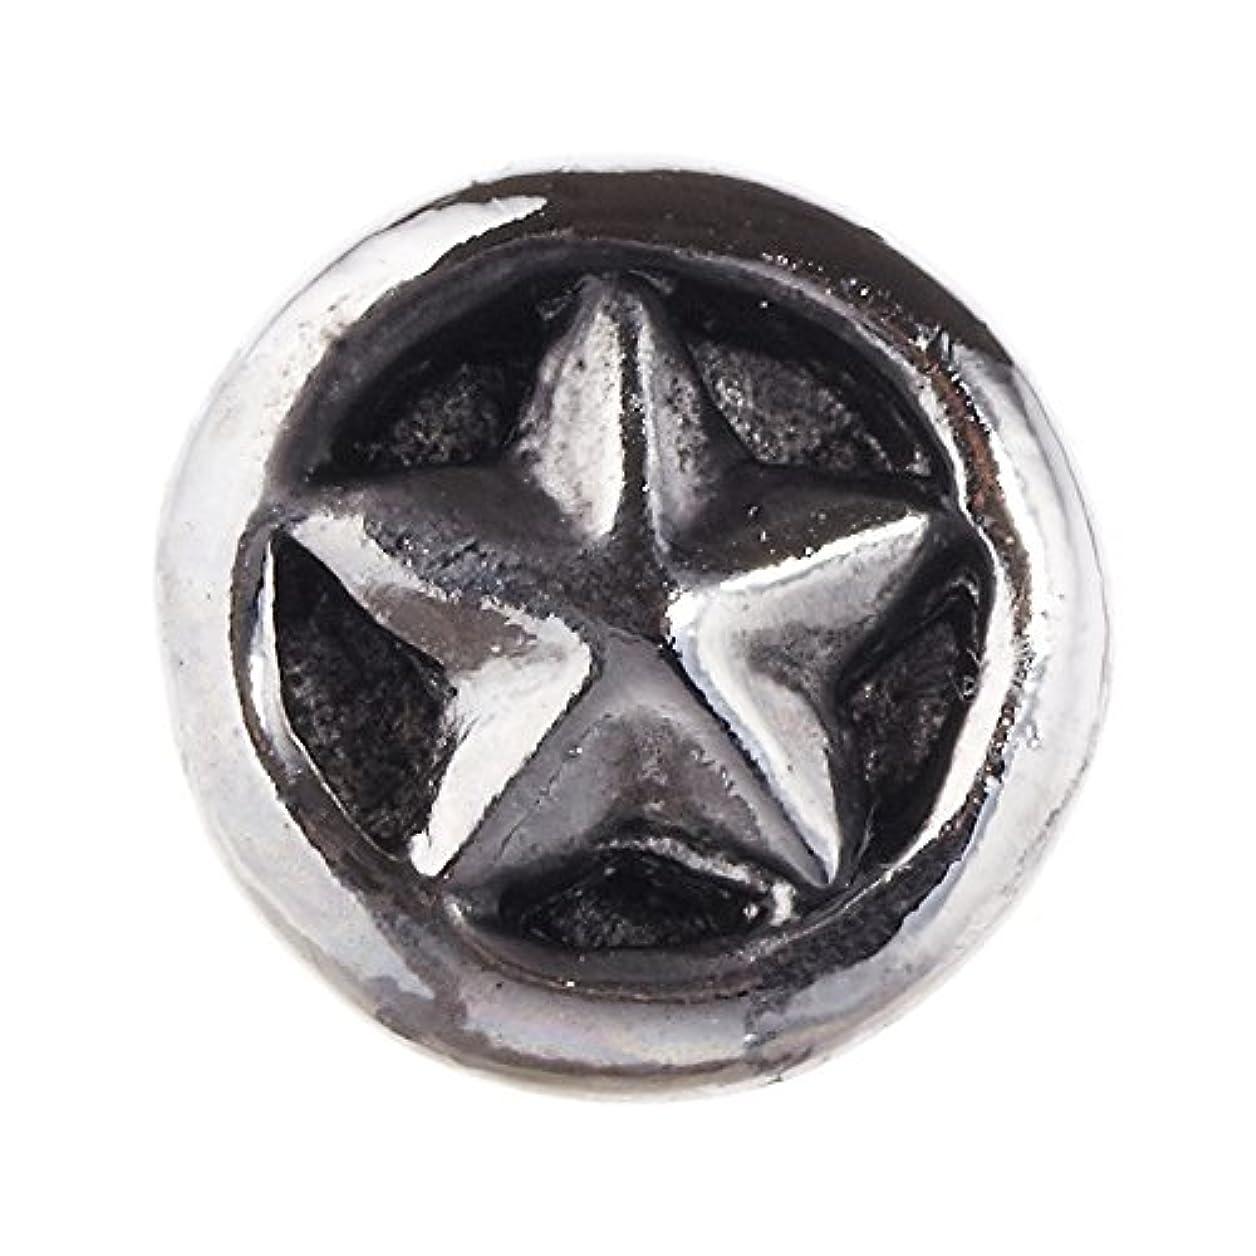 階シニスガウンアクセサリーピエナ メンズ片耳スタッドピアス チタン製ポスト 片耳用 アンティーク加工 スター 星 シルバー